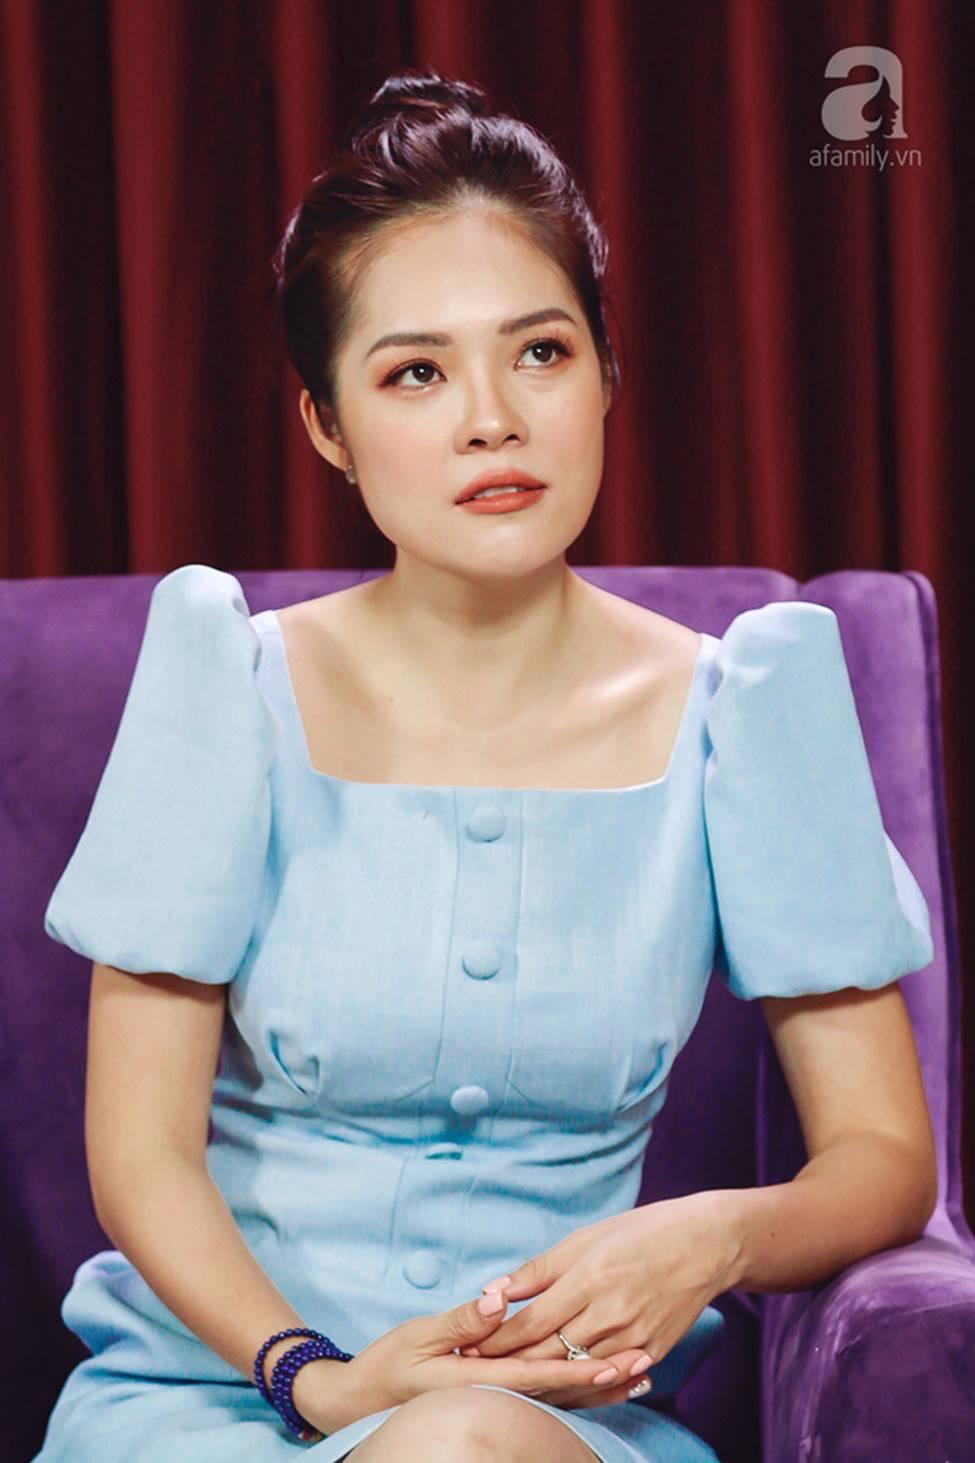 Lần đầu nói về Trấn Thành, Dương Cẩm Lynh không phủ nhận chuyện từng có quan hệ tình cảm!-1